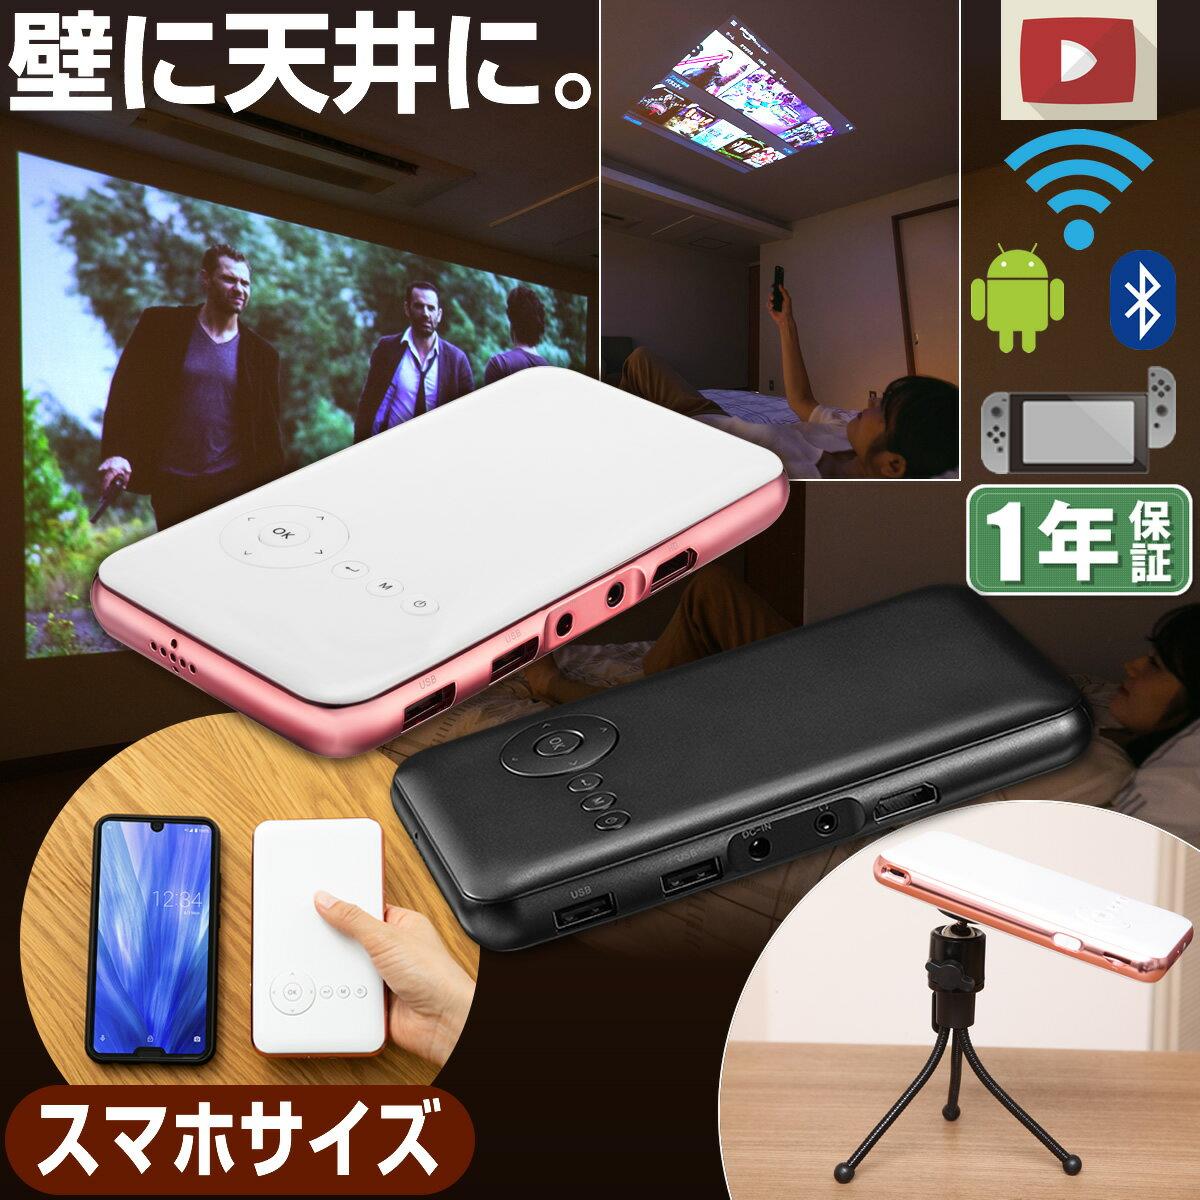 7点セット モバイル プロジェクター 小型 ワイヤレス 天井 ホームシアター 子供 壁 家庭用 コンパクト プロジェクター Bluetooth スマホ 接続 WiFi HDMI DVD 人気 ビジネス モバイルプロジェクター iPhone android 三脚 小型プロジェクター 天井 映画 ホームプロジェクター